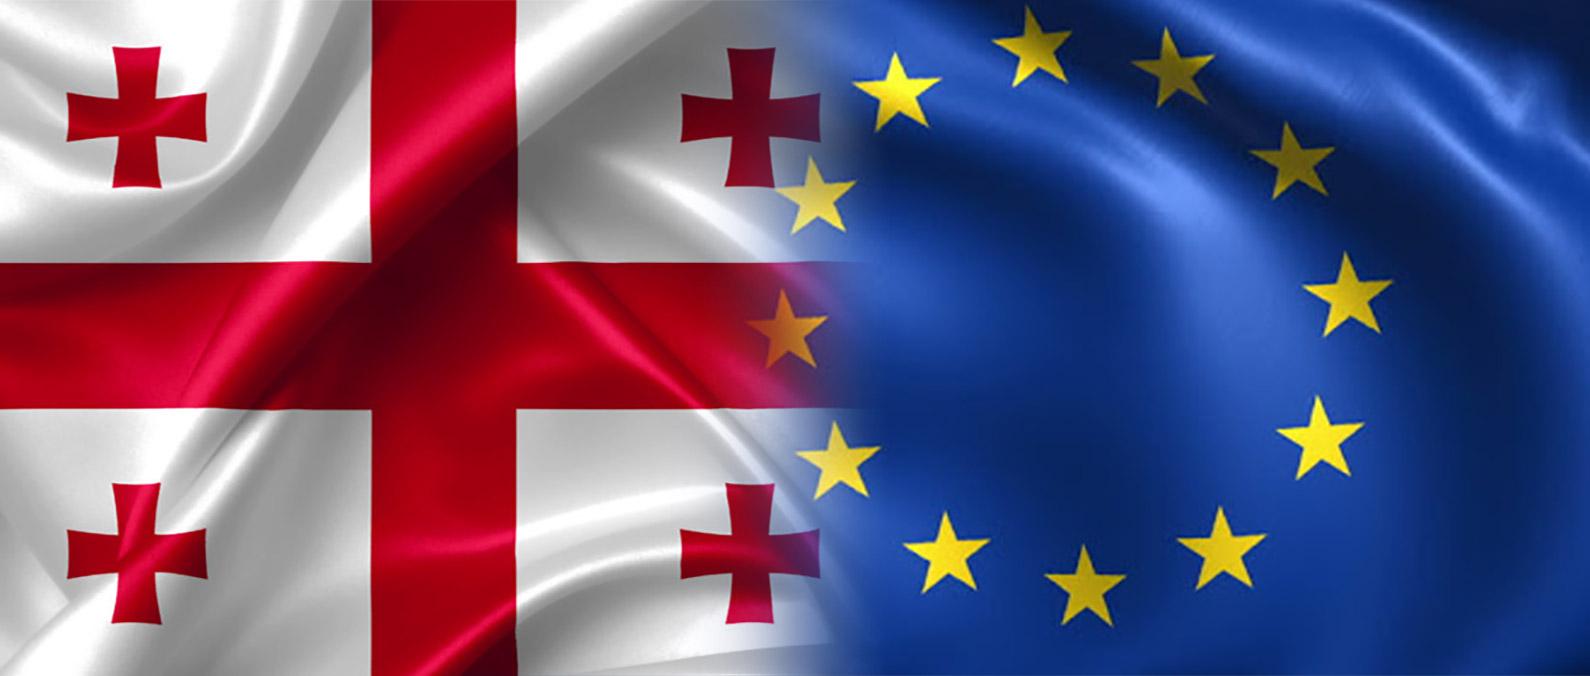 Georgia EU зона Шенгена зона Шенгена